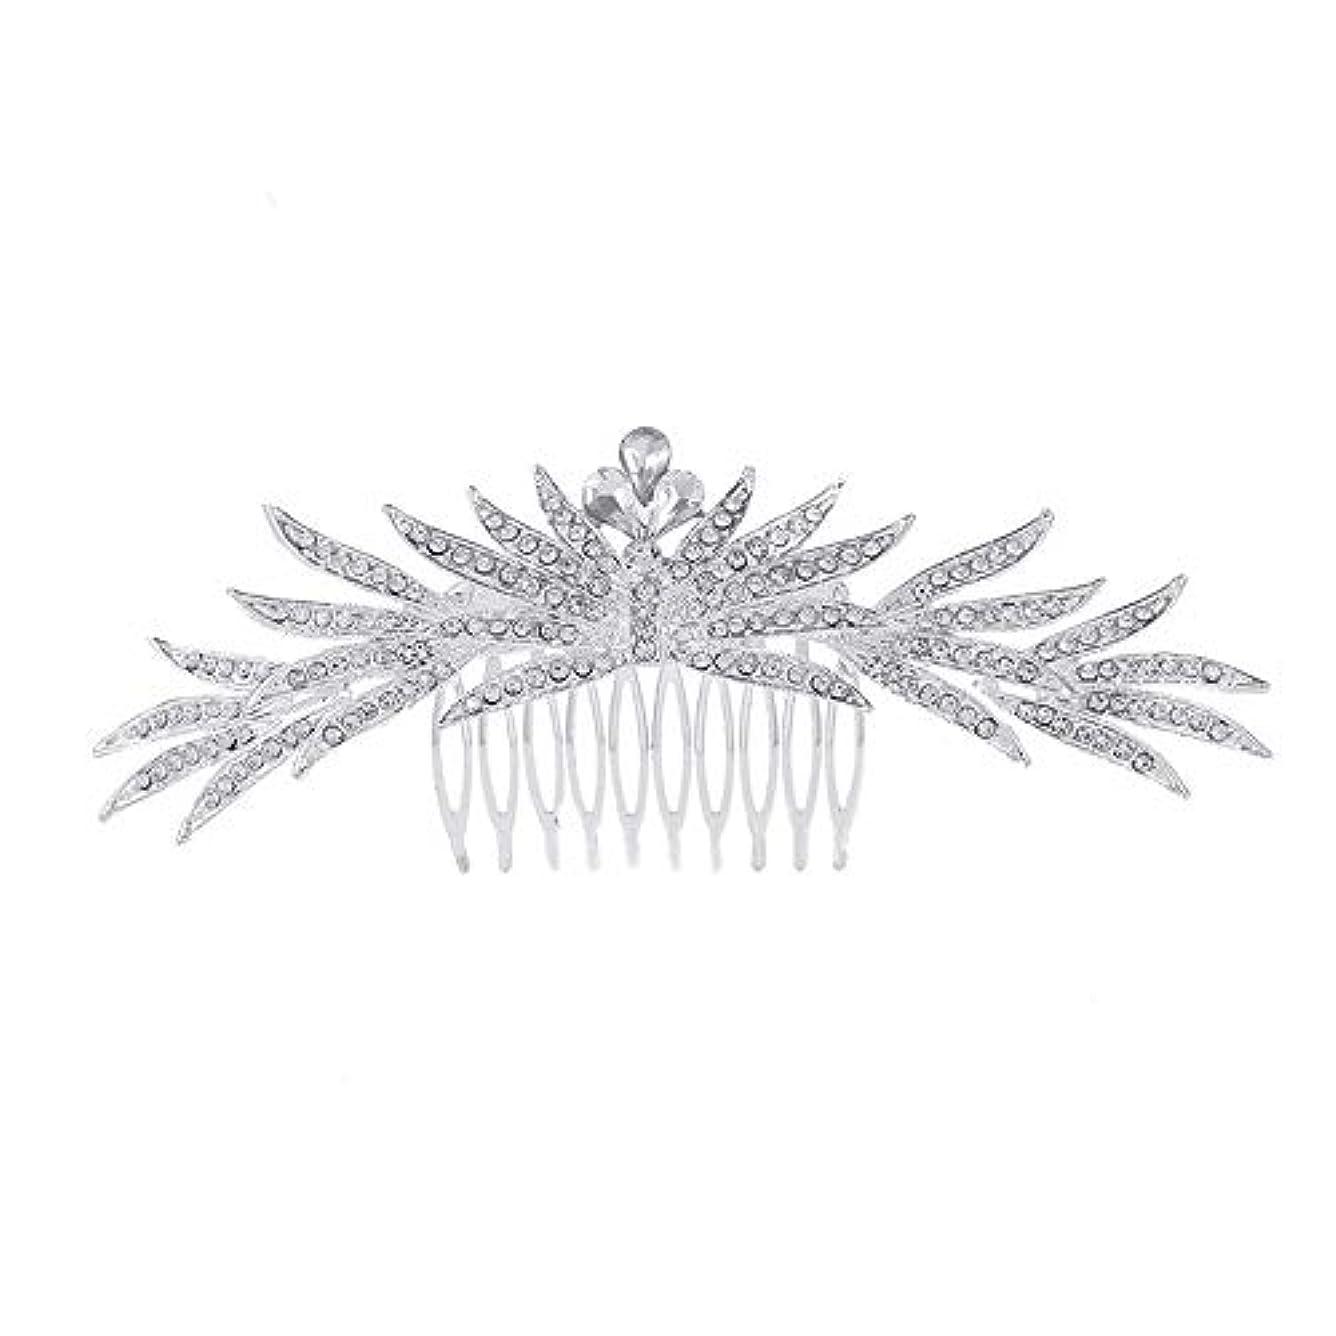 急襲アセ前髪の櫛の櫛の櫛花嫁の髪の櫛ラインストーンの櫛亜鉛合金ブライダルヘッドドレス結婚式のアクセサリー挿入櫛